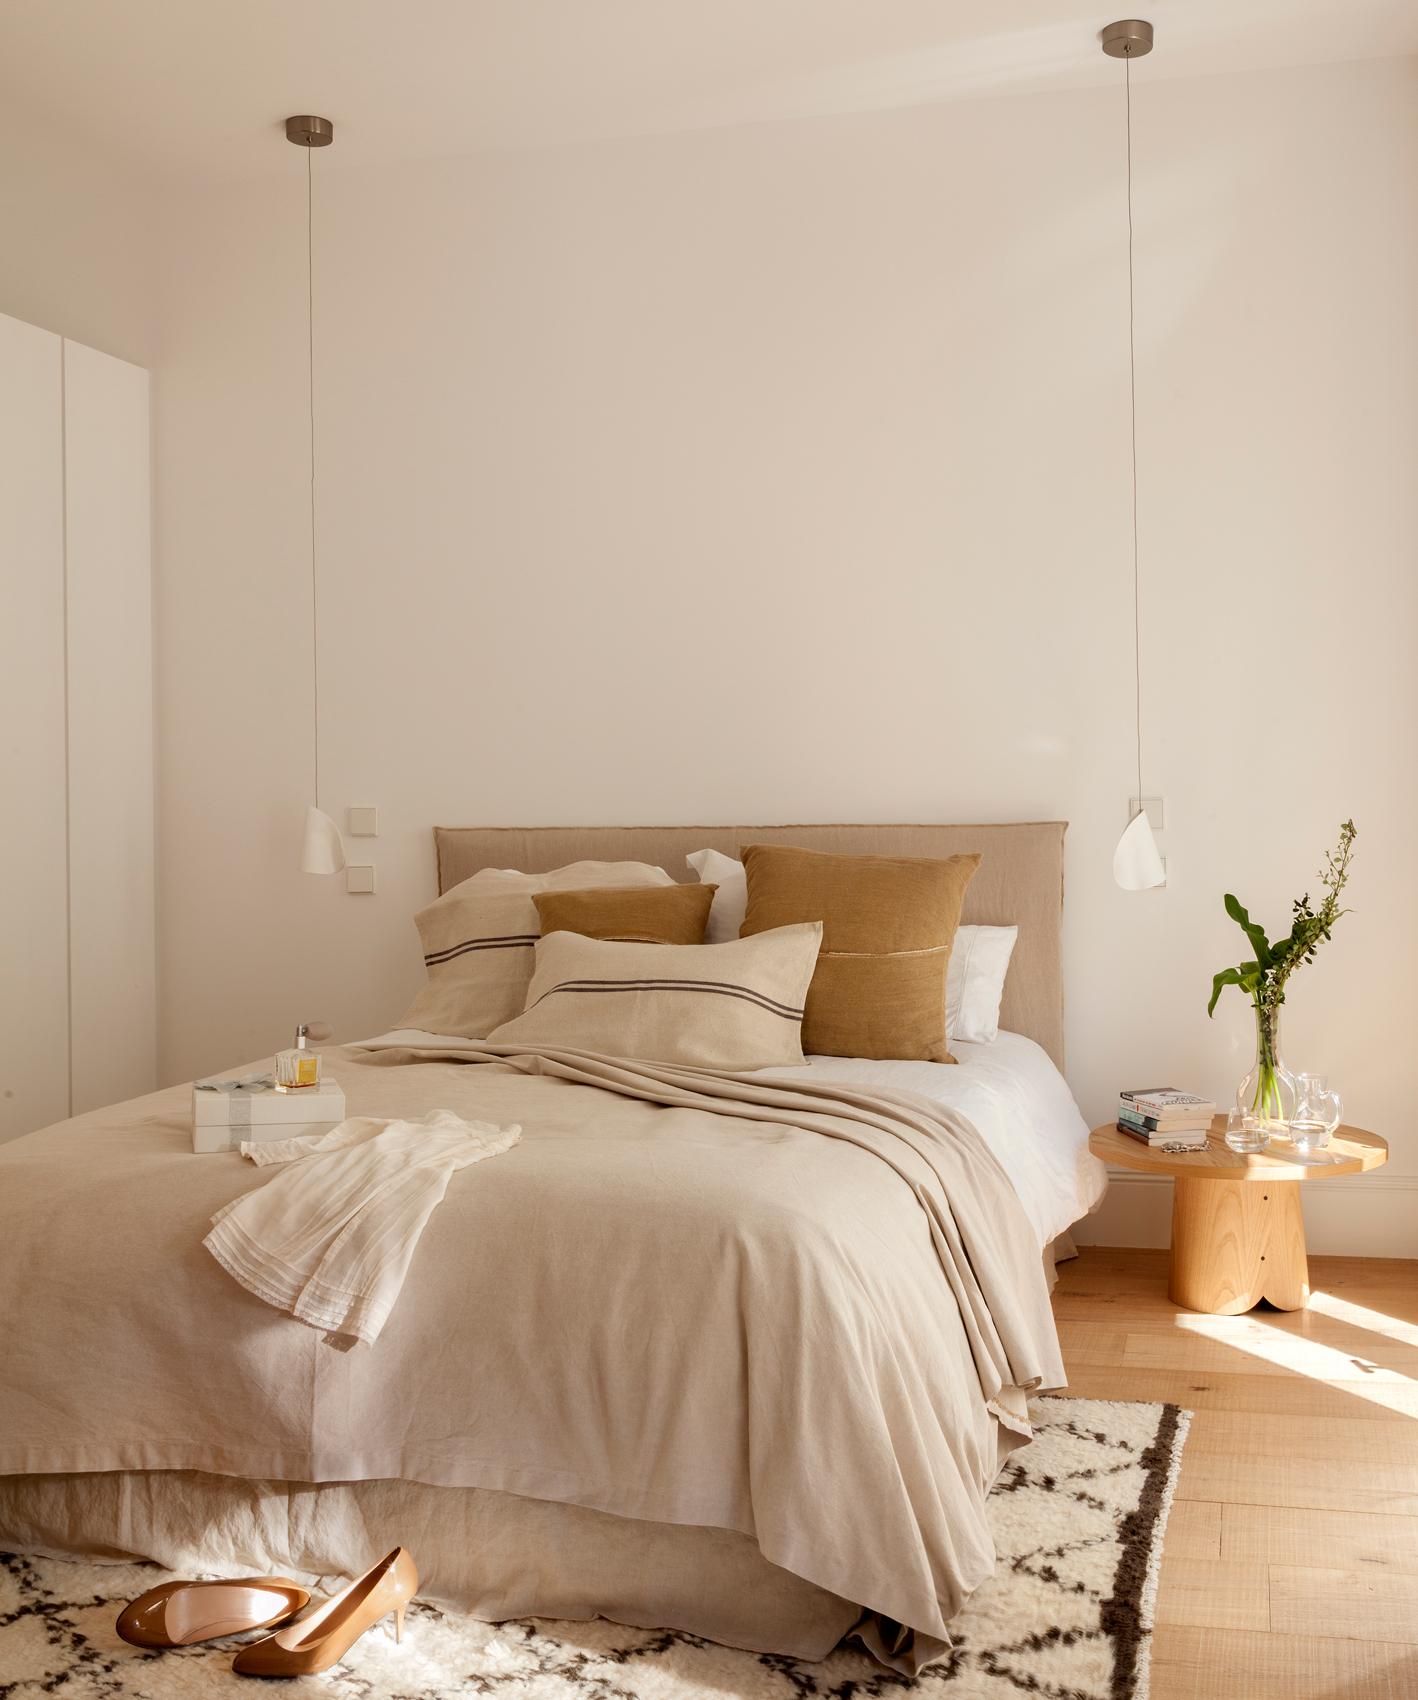 Mesillas de noche para el dormitorio - Lamparas de techo dormitorio ...